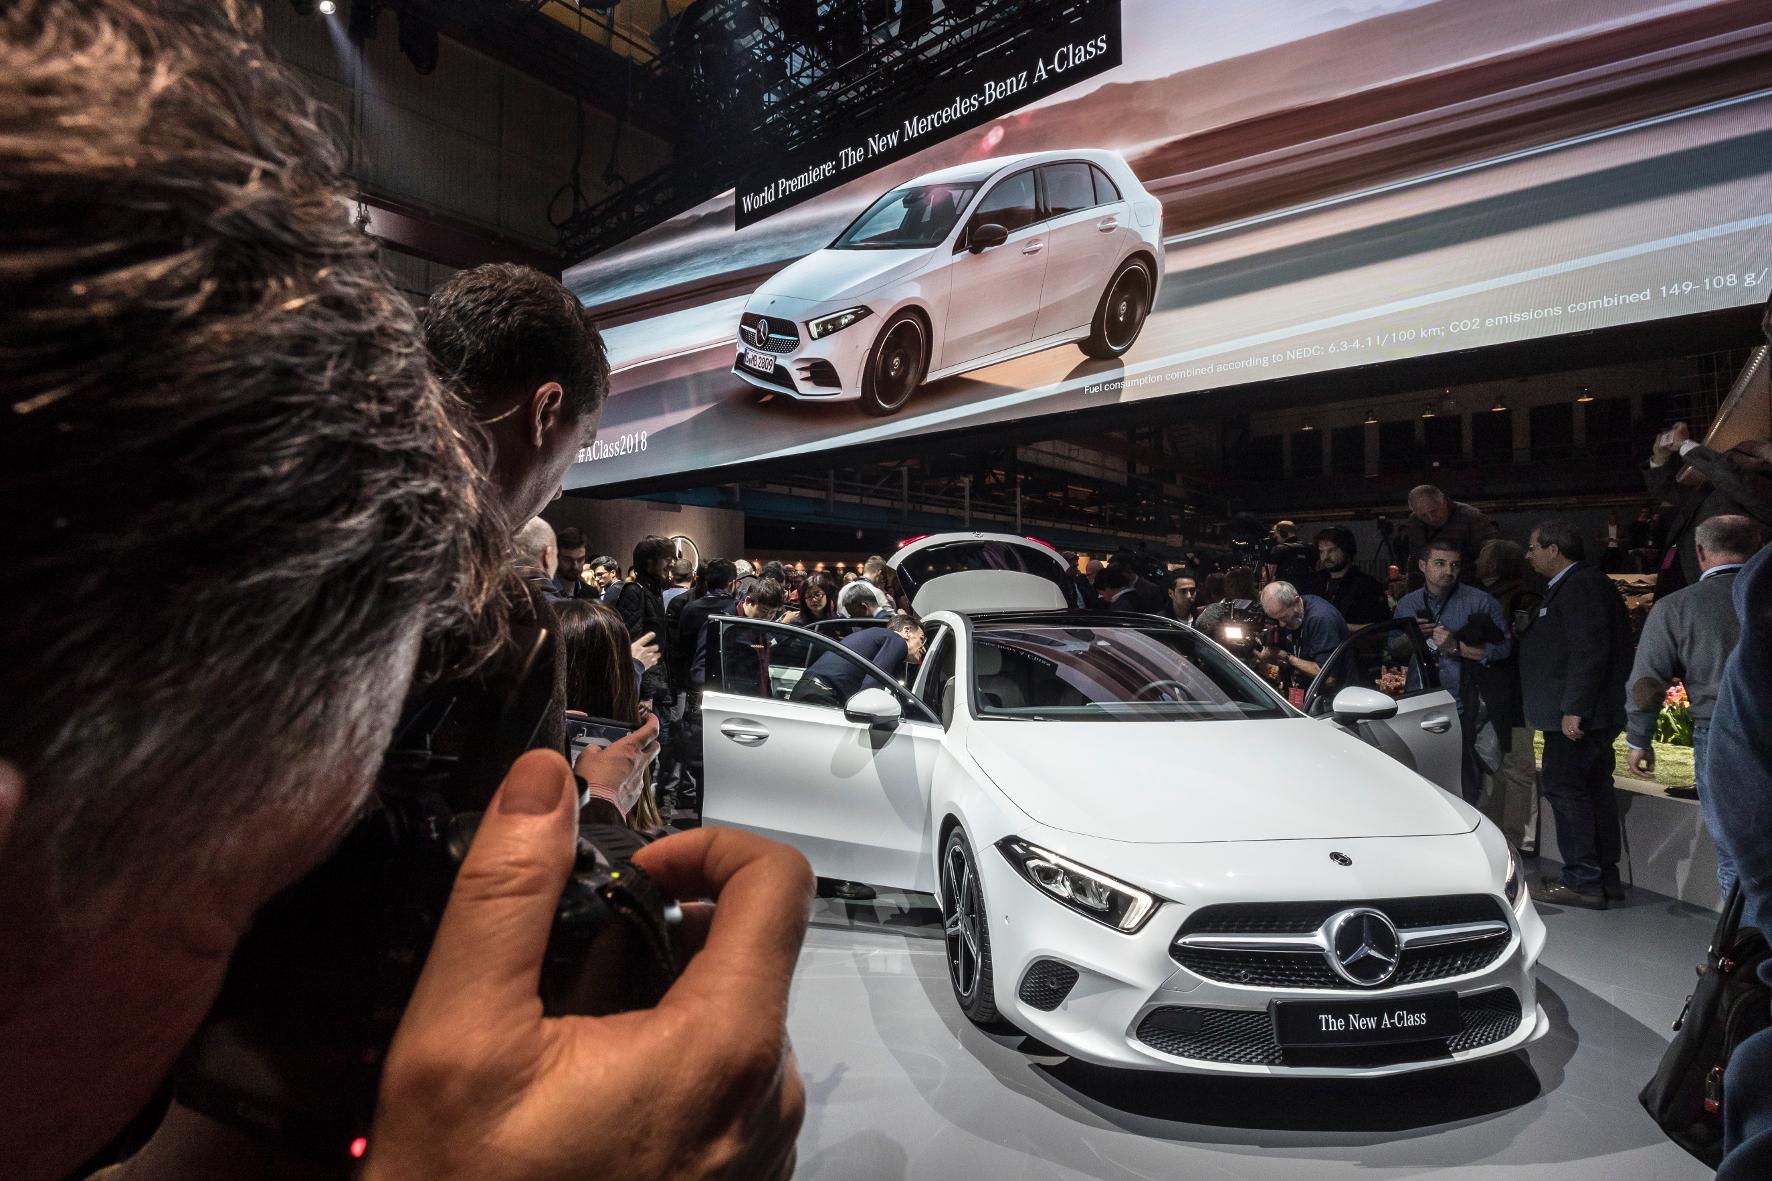 Die neue A-Klasse: Hey Mercedes!